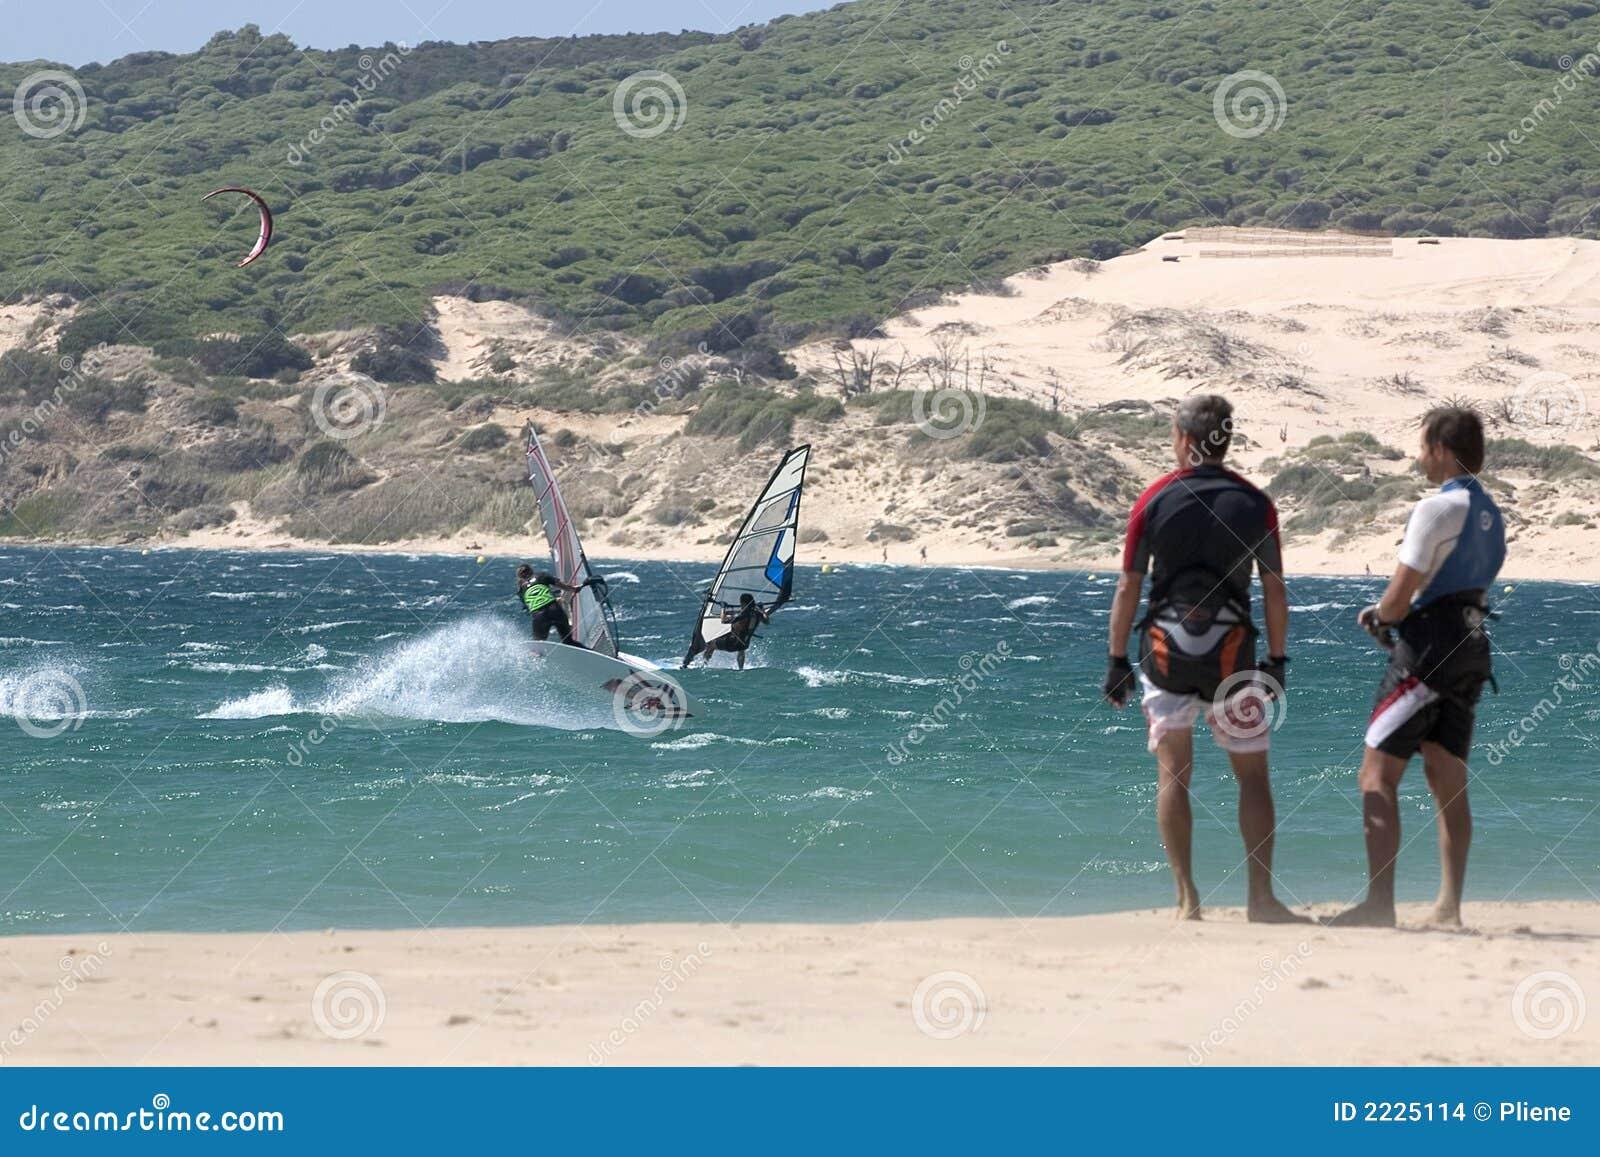 Windsurf 8